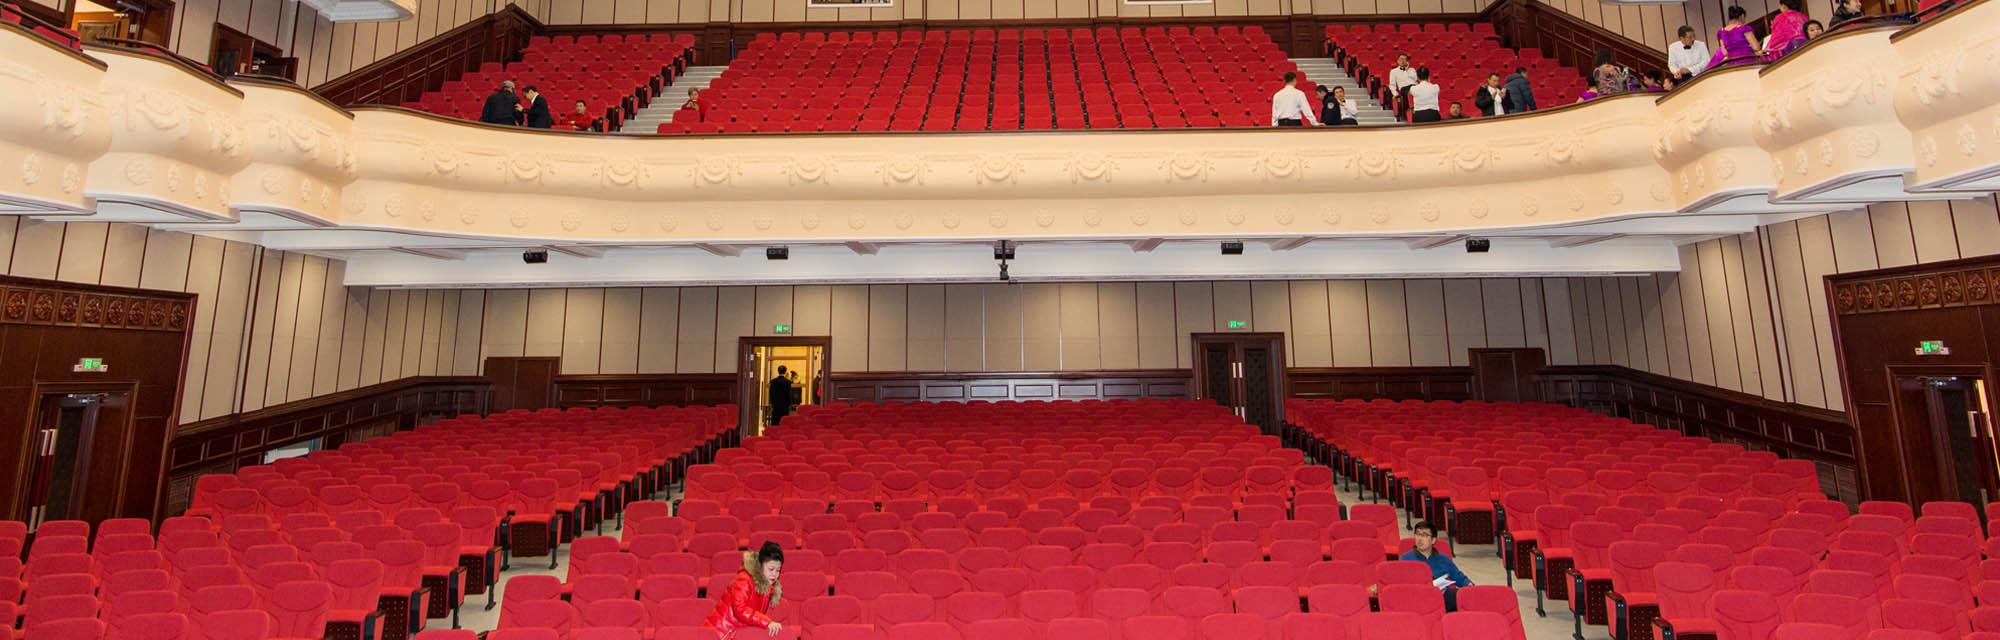 齐齐哈尔市工人文化宫剧场